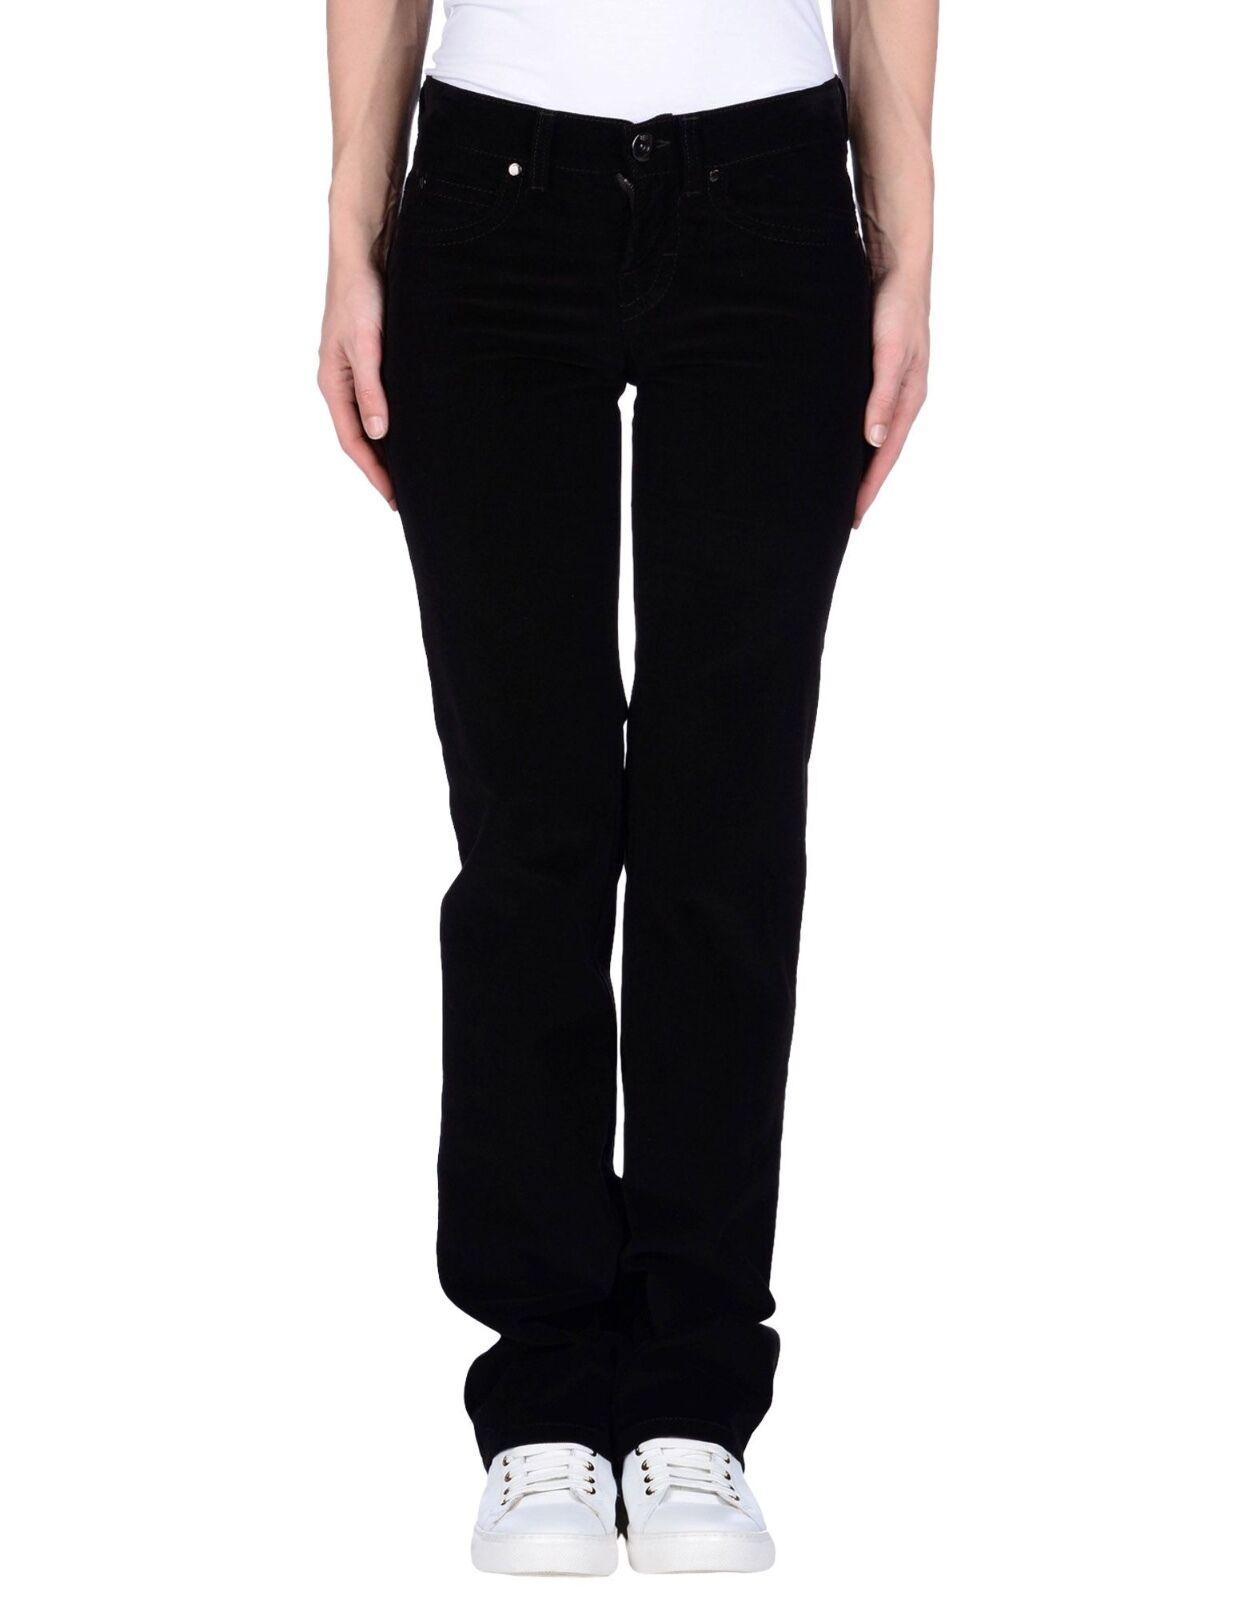 HUGO BOSS Flare Jeans marron foncé 25 Neuf avec étiquettes 244